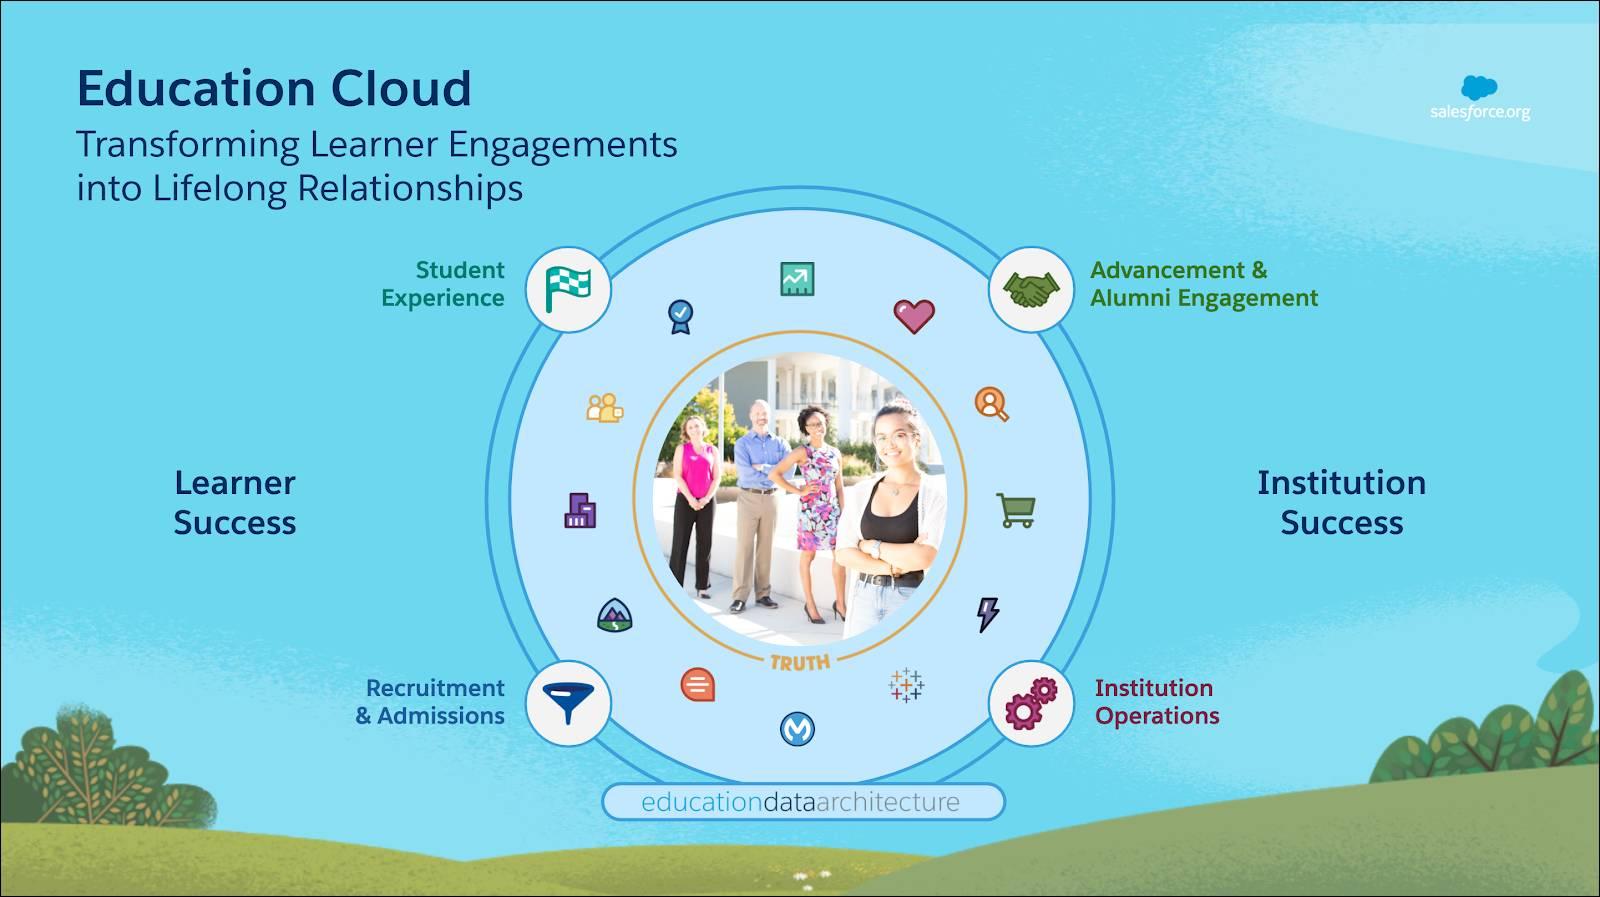 Education Cloud は学習者エンゲージメントを生涯続く関係に変えます。Education Data Architecture では、学生募集と入学事務、学生エクスペリエンス、寄付募集活動と同窓生エンゲージメント、学校運営のためのソリューションによって学習者の成功と学校の成功を支援します。